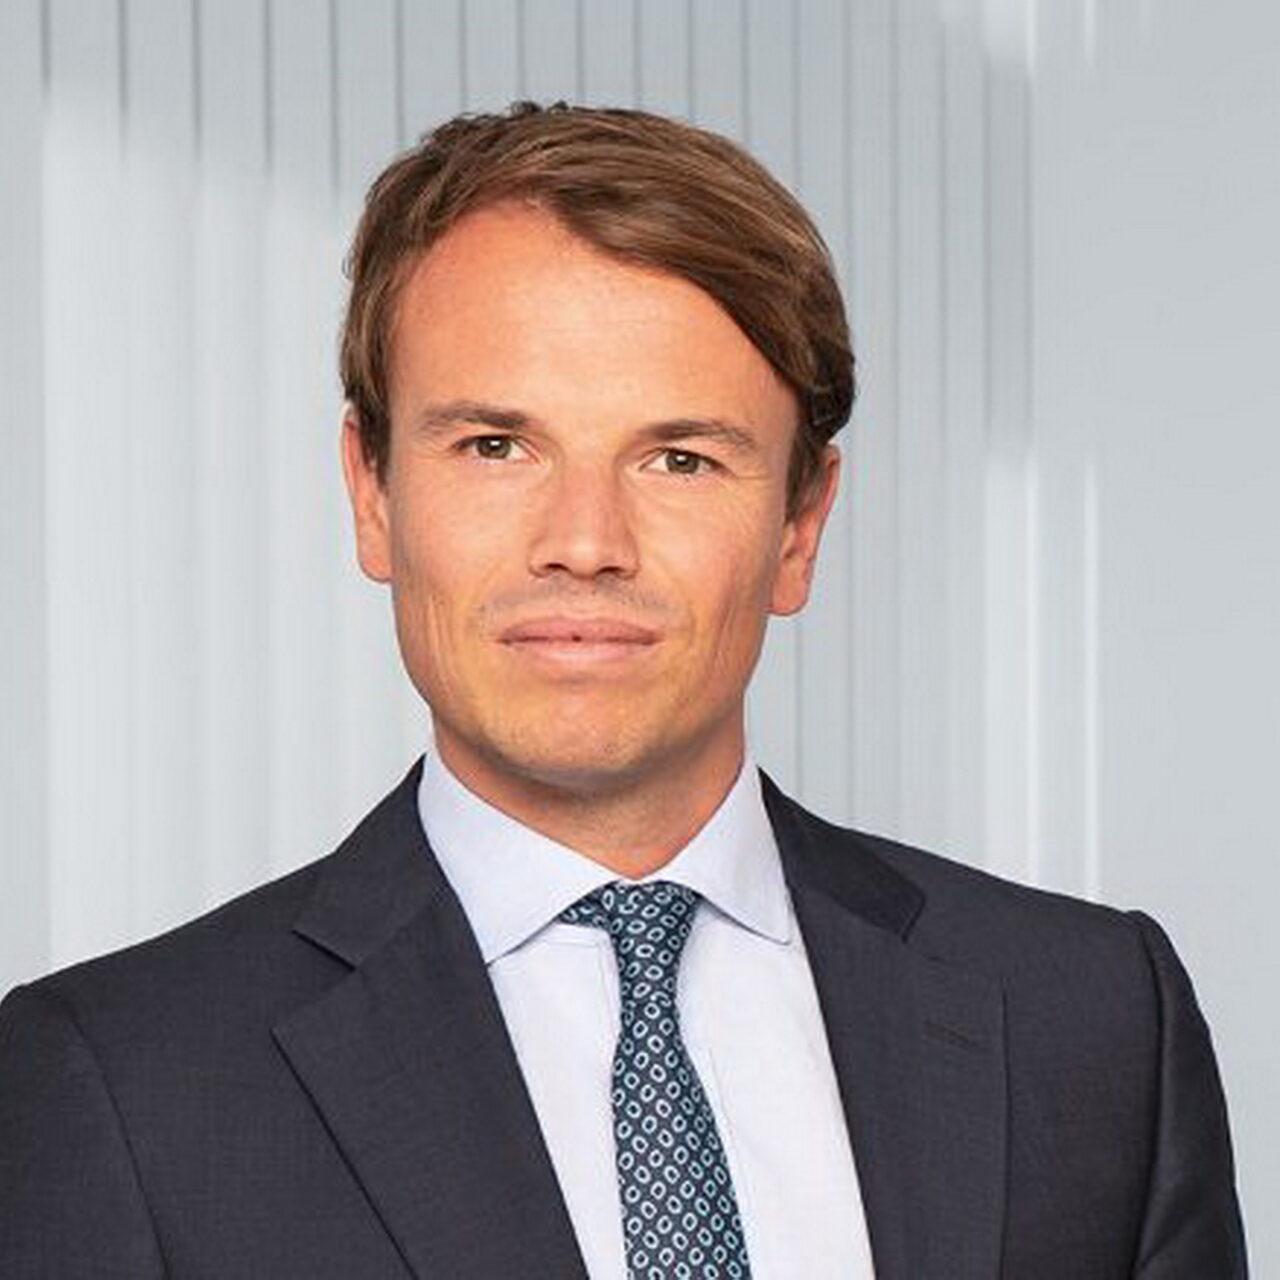 Franz von Metzler steigt in Geschäftsführung auf